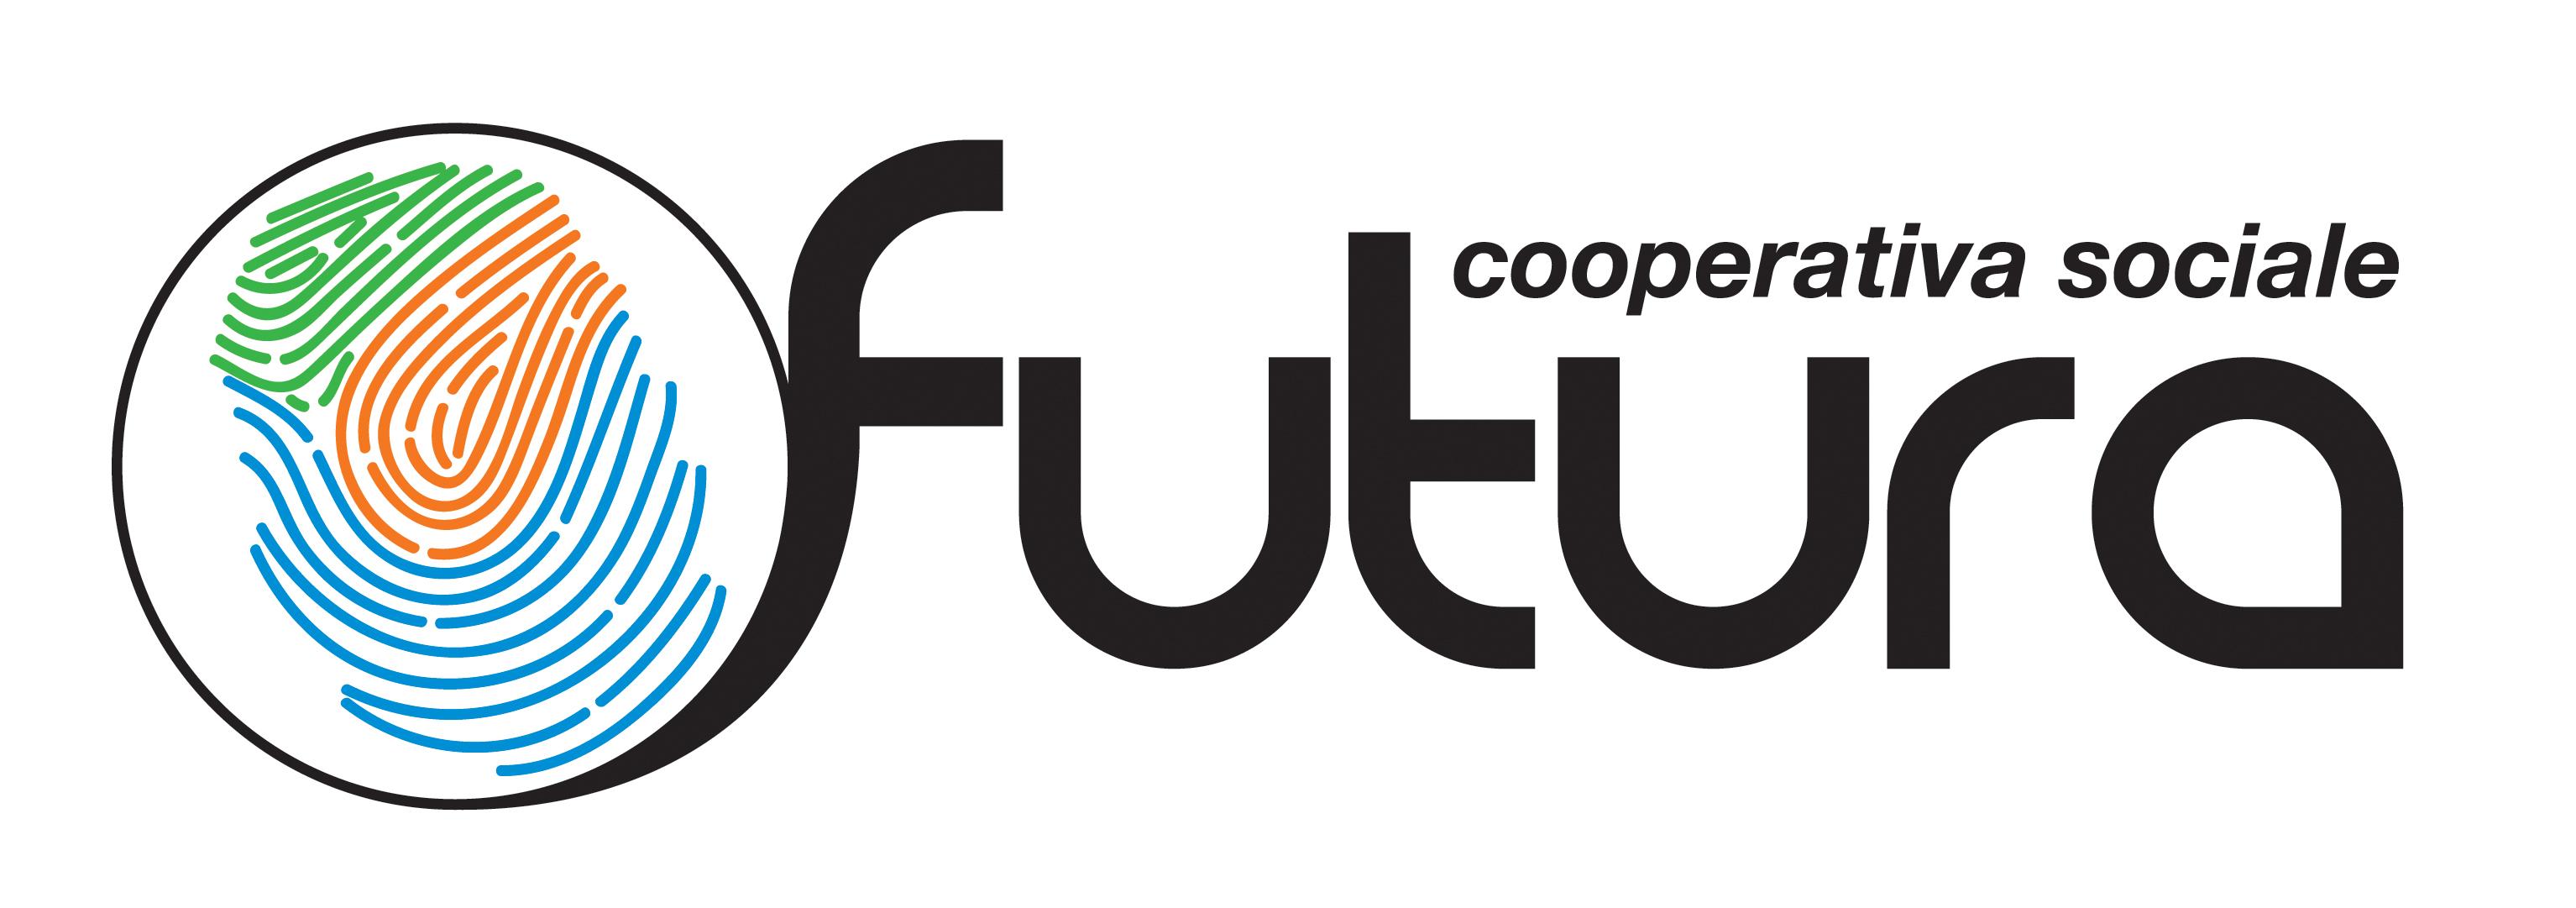 Futura Cooperativa Sociale Onlus